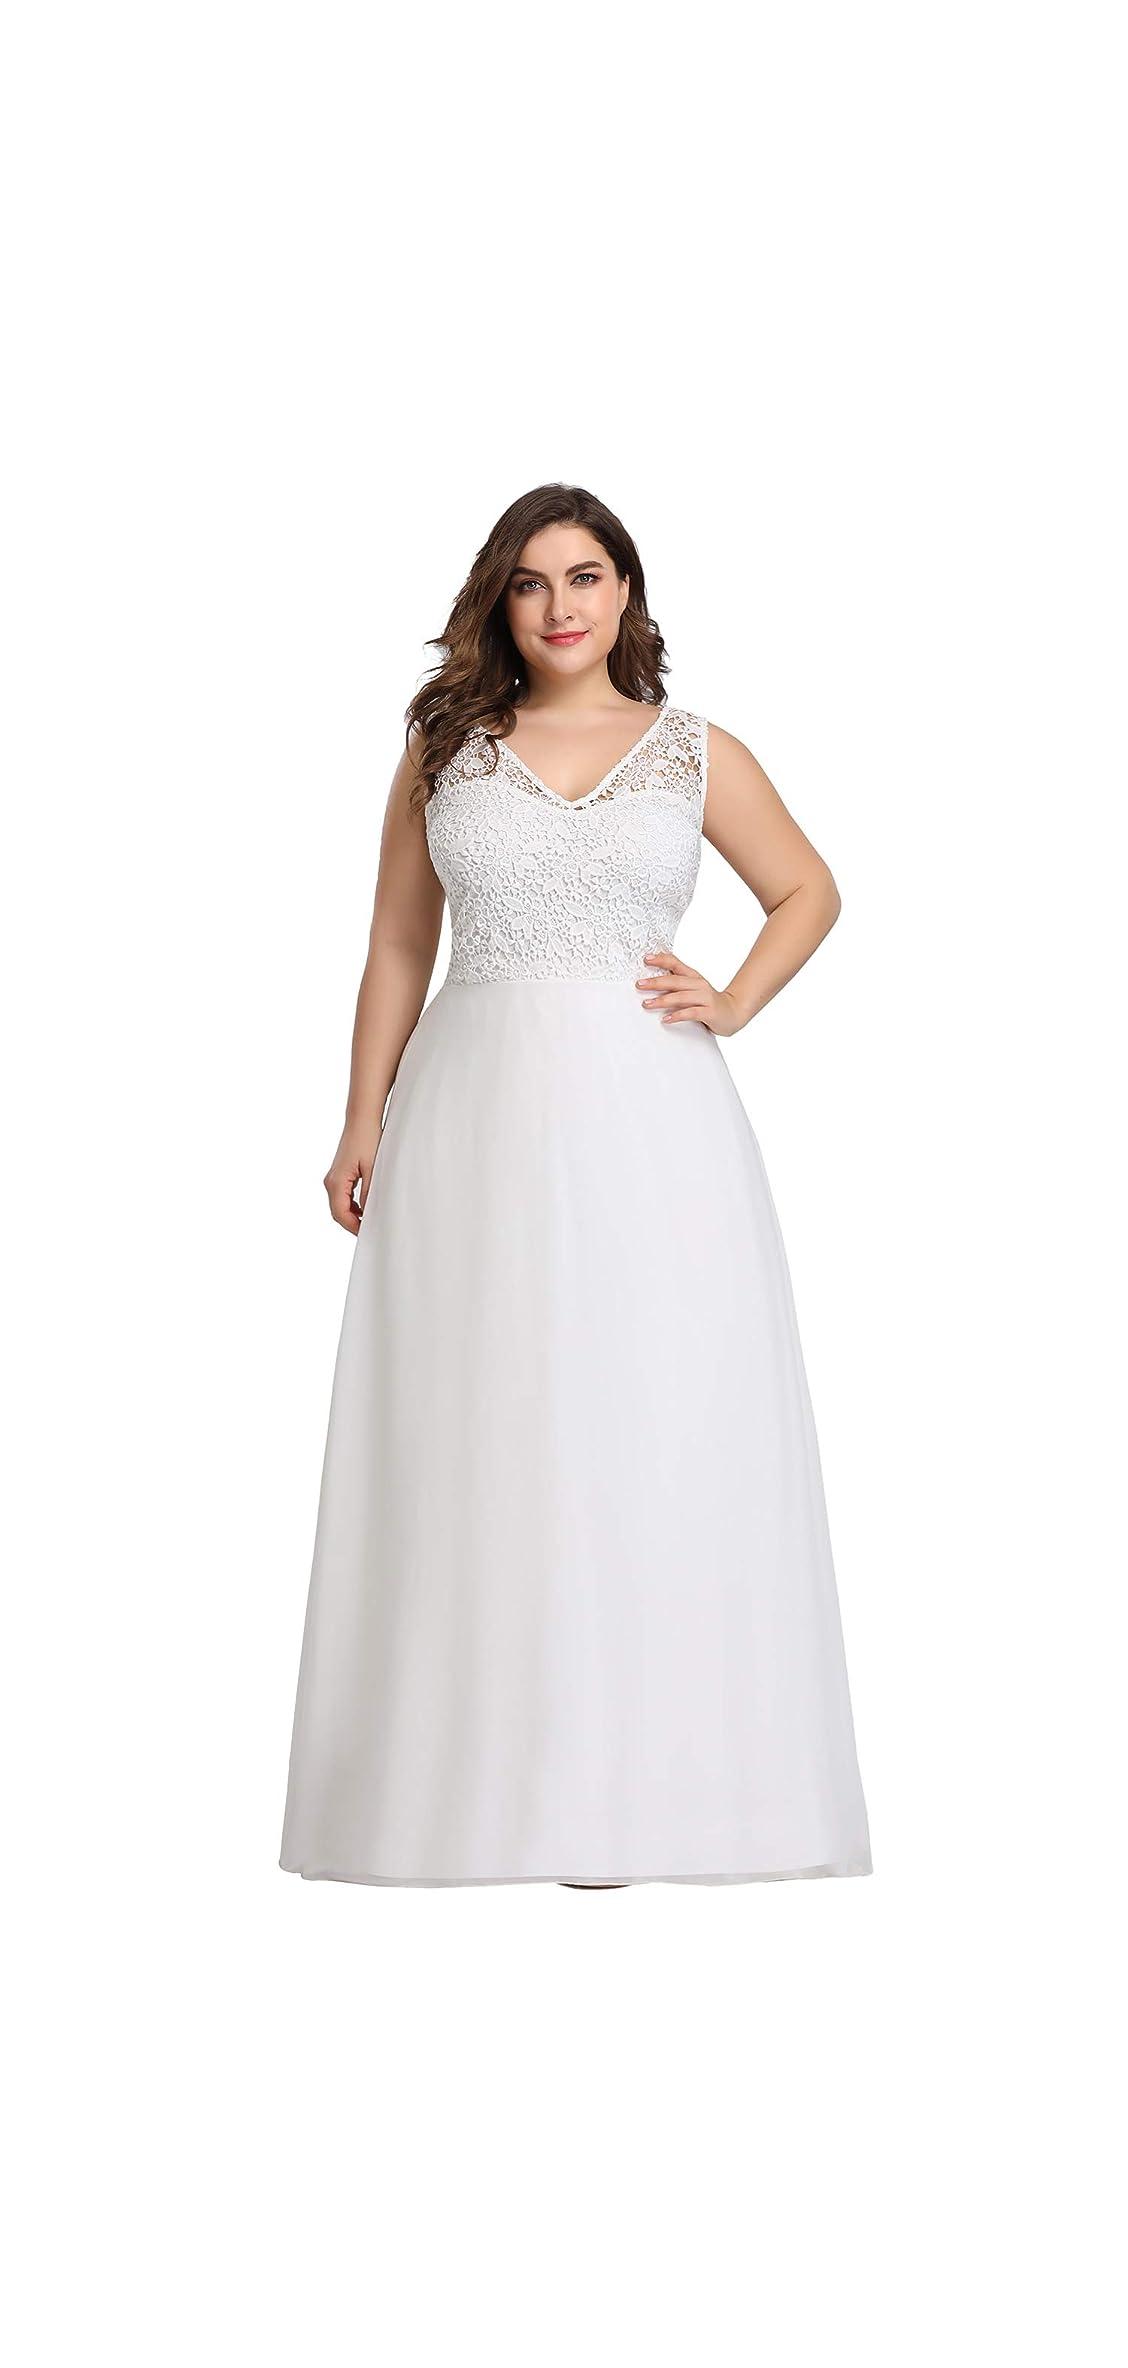 Women's Plus Size V-neck Floral Lace Bridesmaid